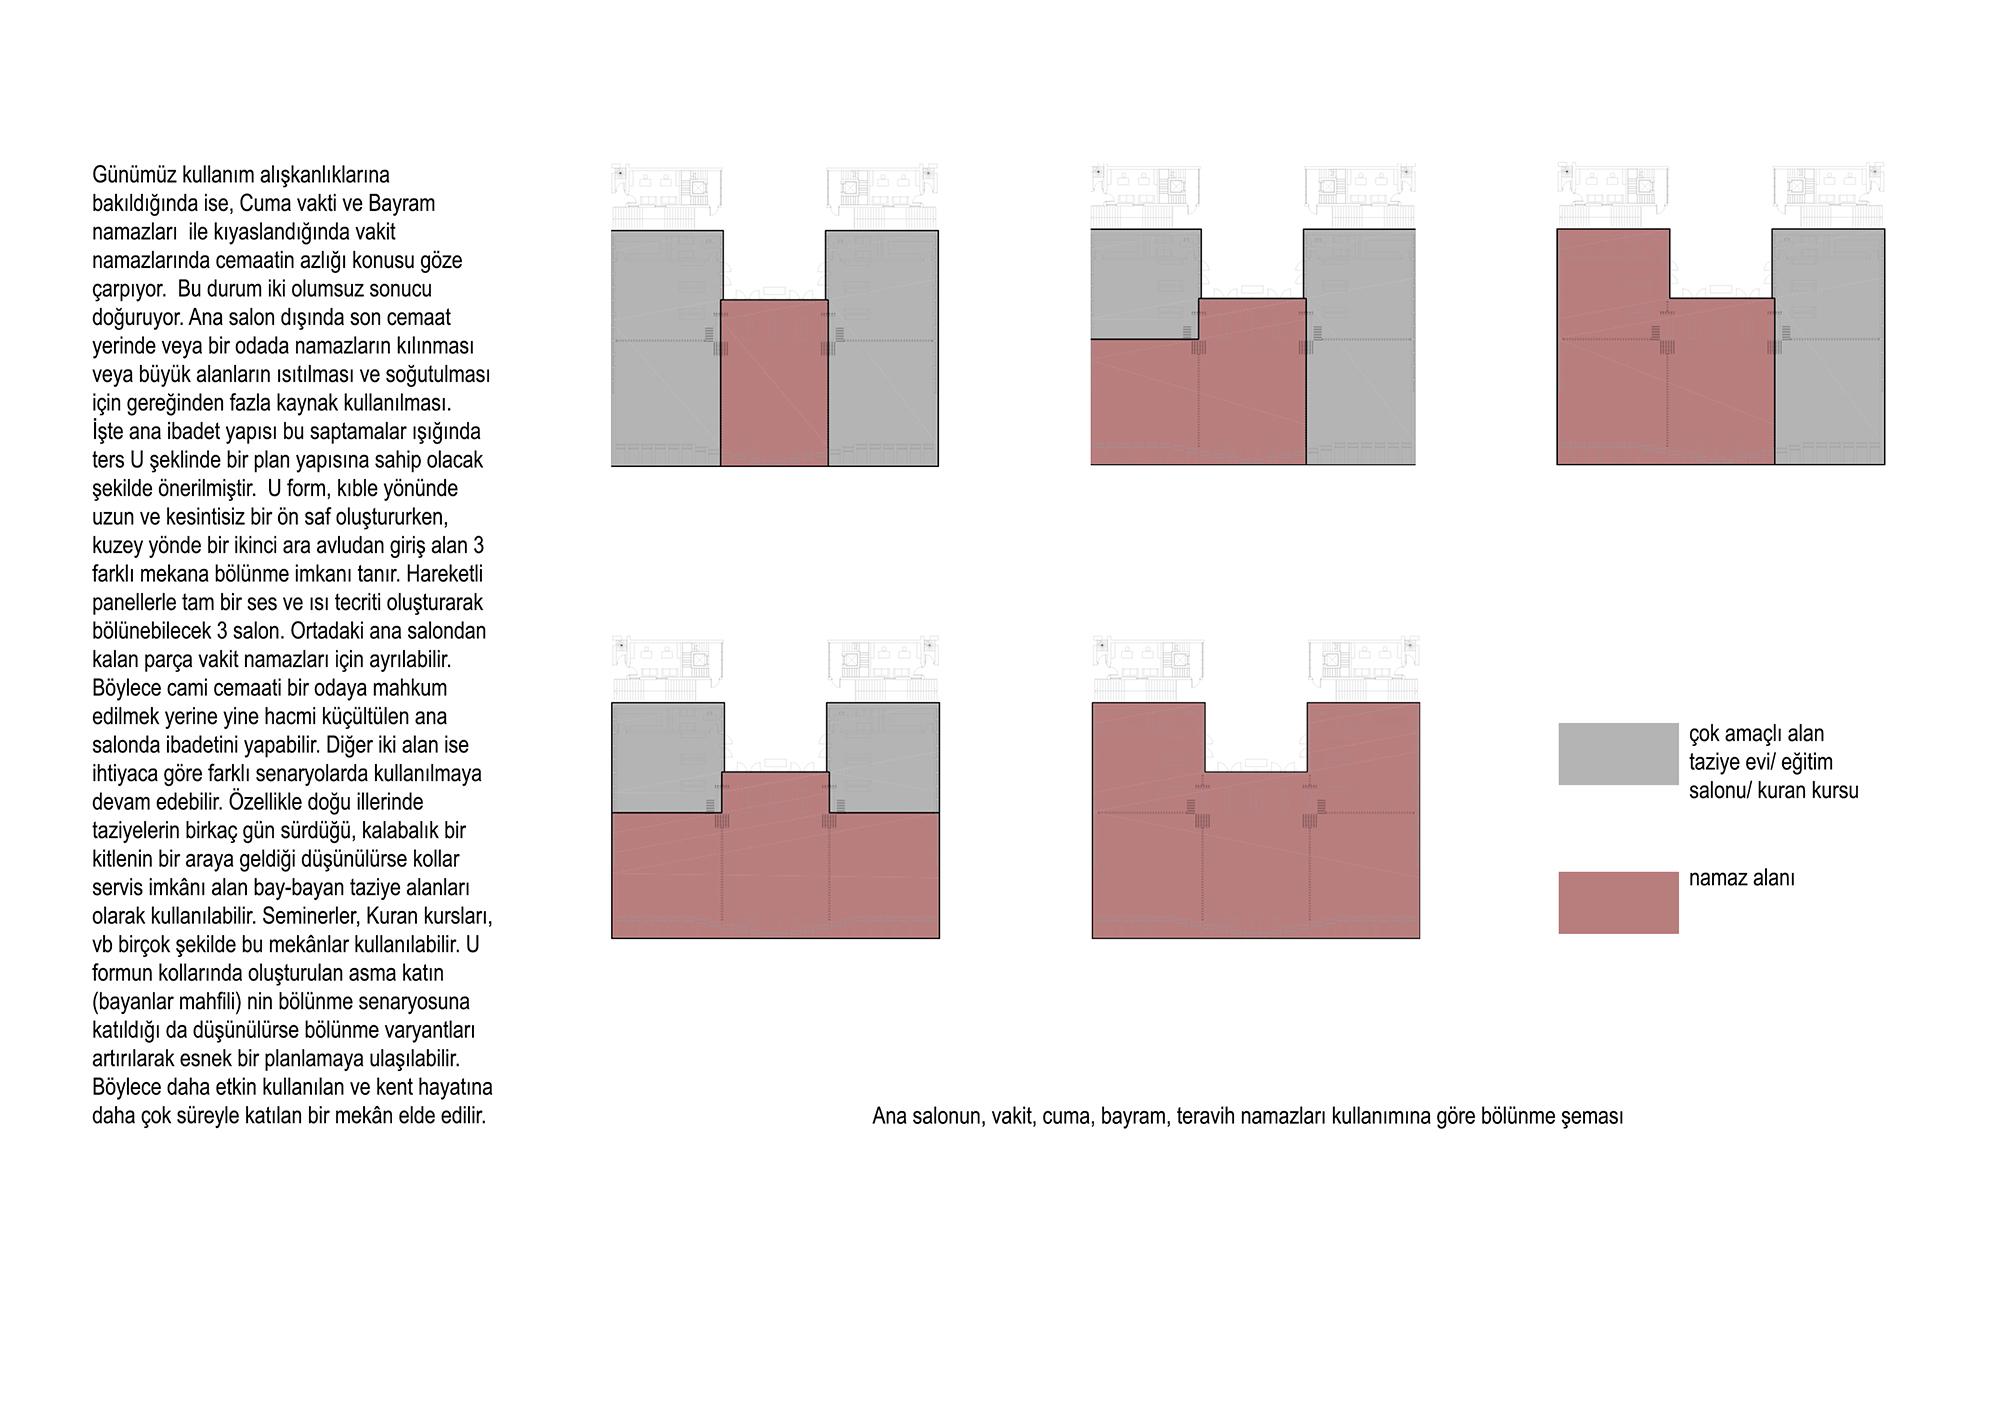 11-ana salon bölünme şeması